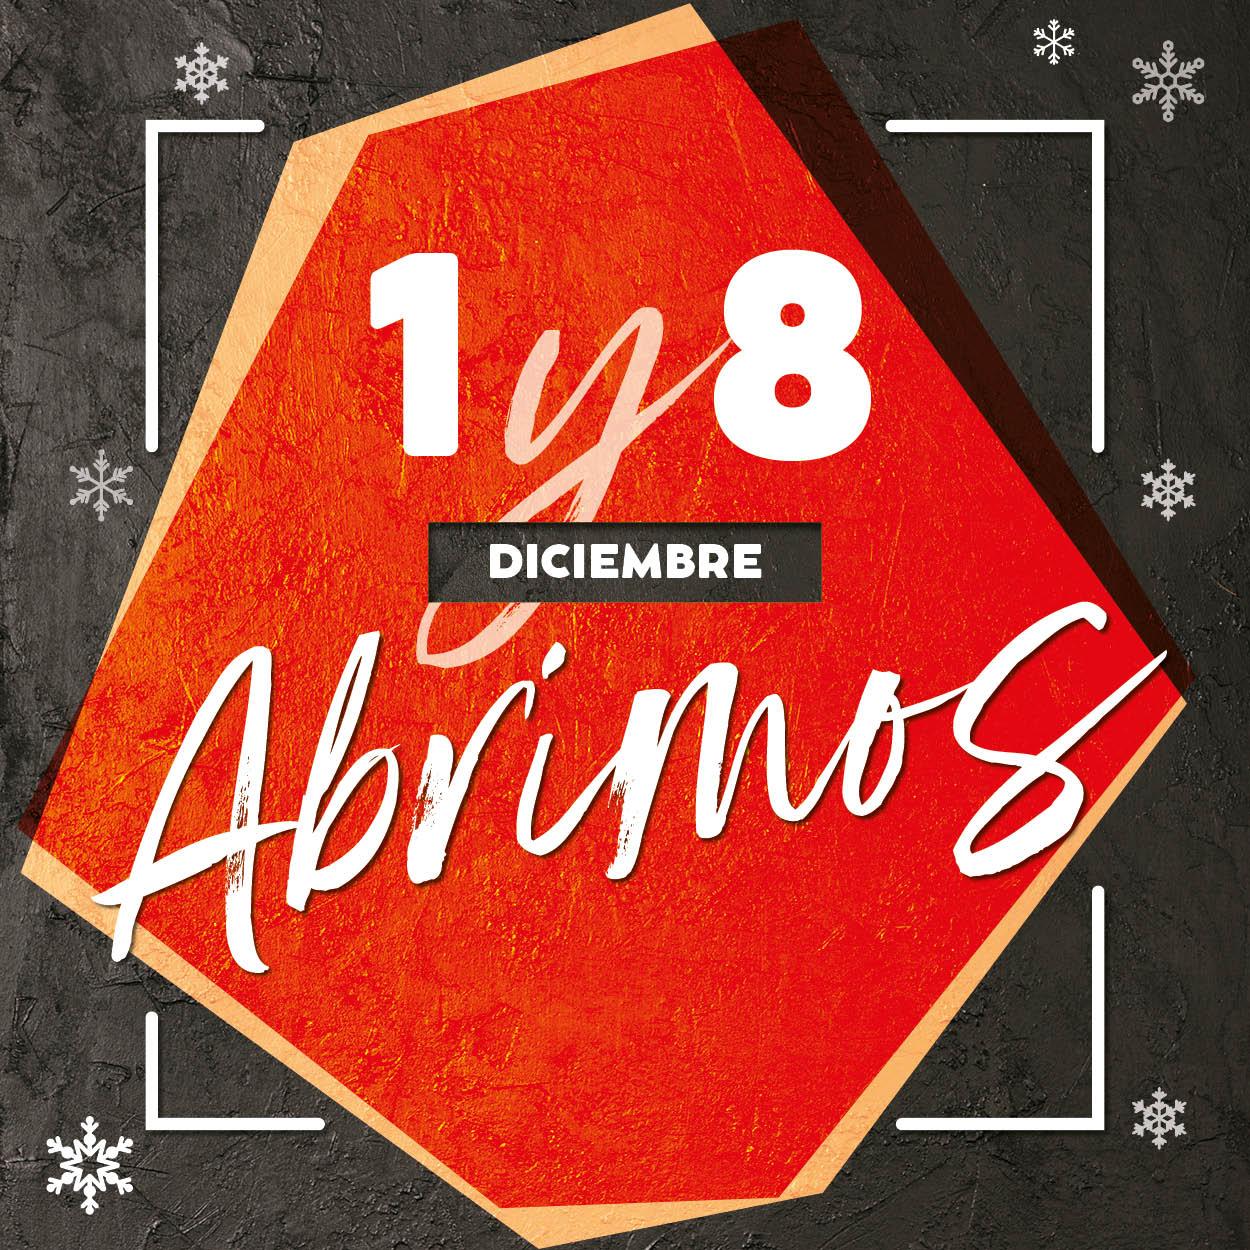 Domingo 1 y 8 de diciembre abrimos